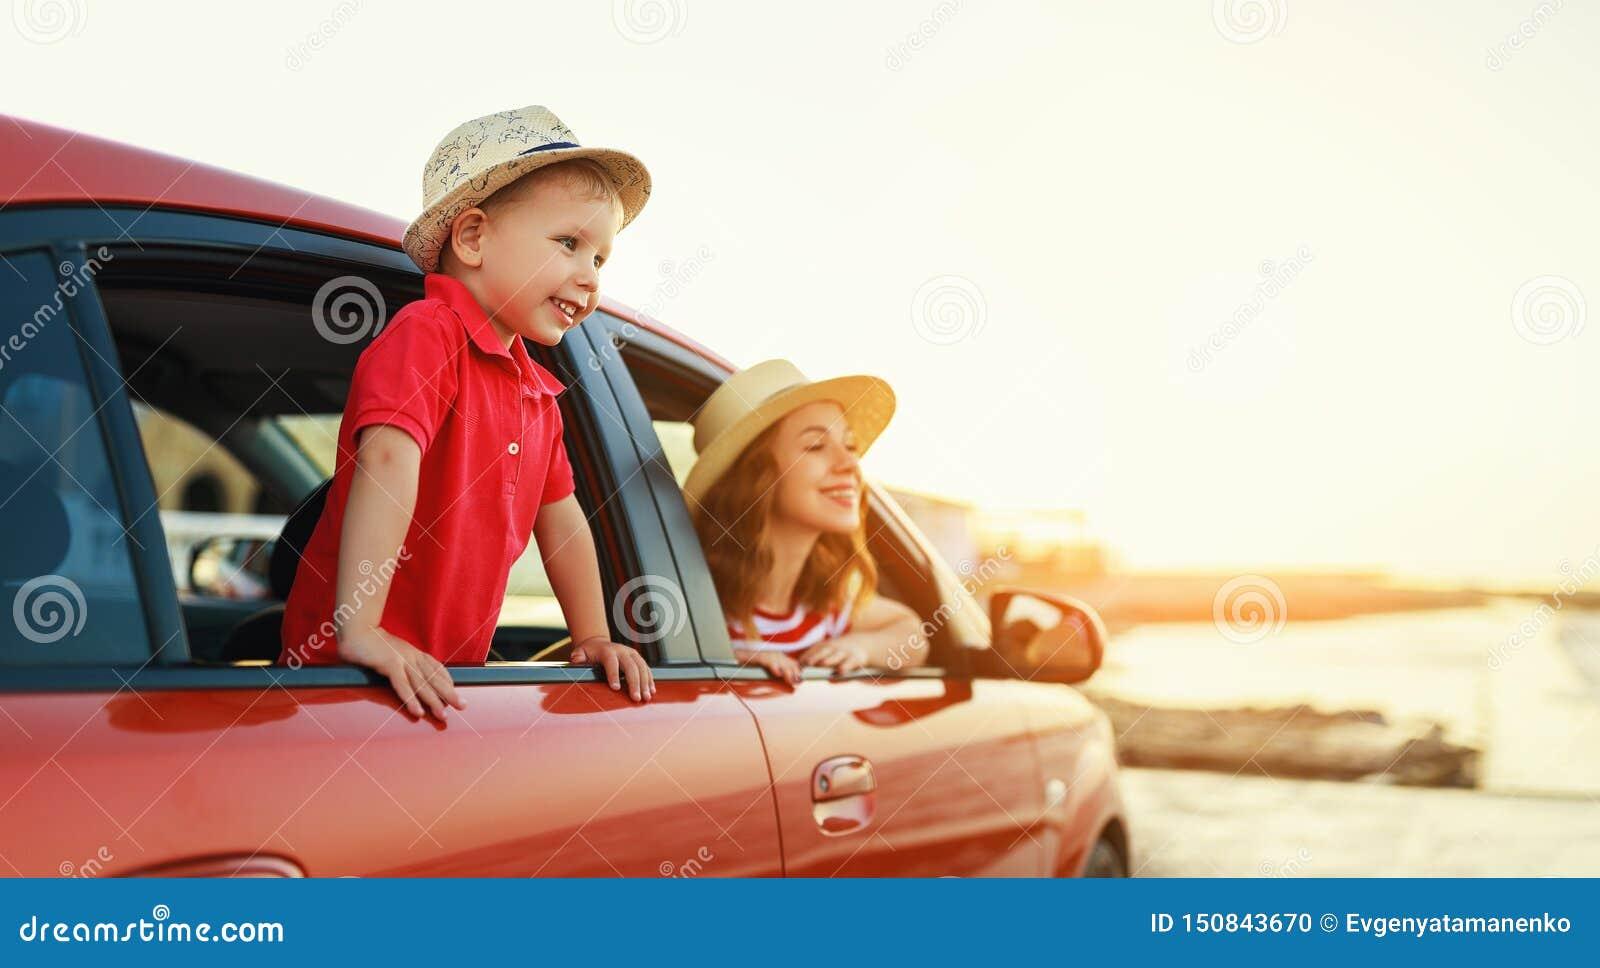 Η ευτυχή οικογενειακή μητέρα και το αγόρι παιδιών πηγαίνουν στο ταξίδι θερινού ταξιδιού στο αυτοκίνητο